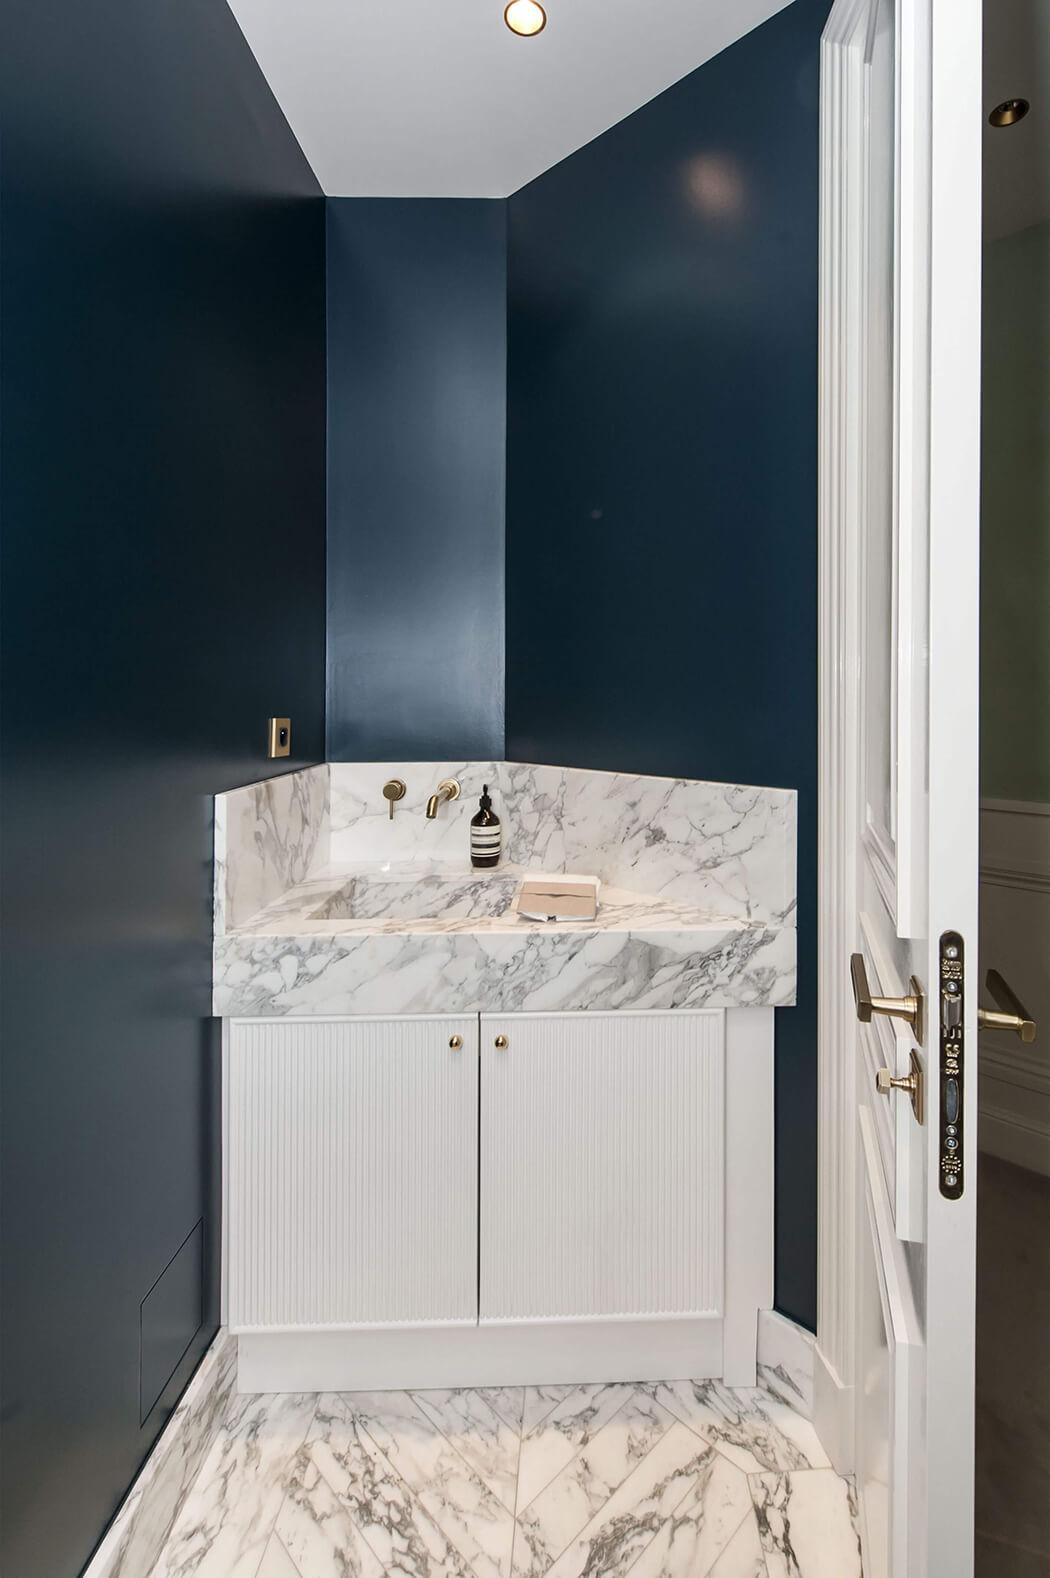 lavabo et meuble sous vasque sur-mesure, peinture sombre pour un effet luxe garanti